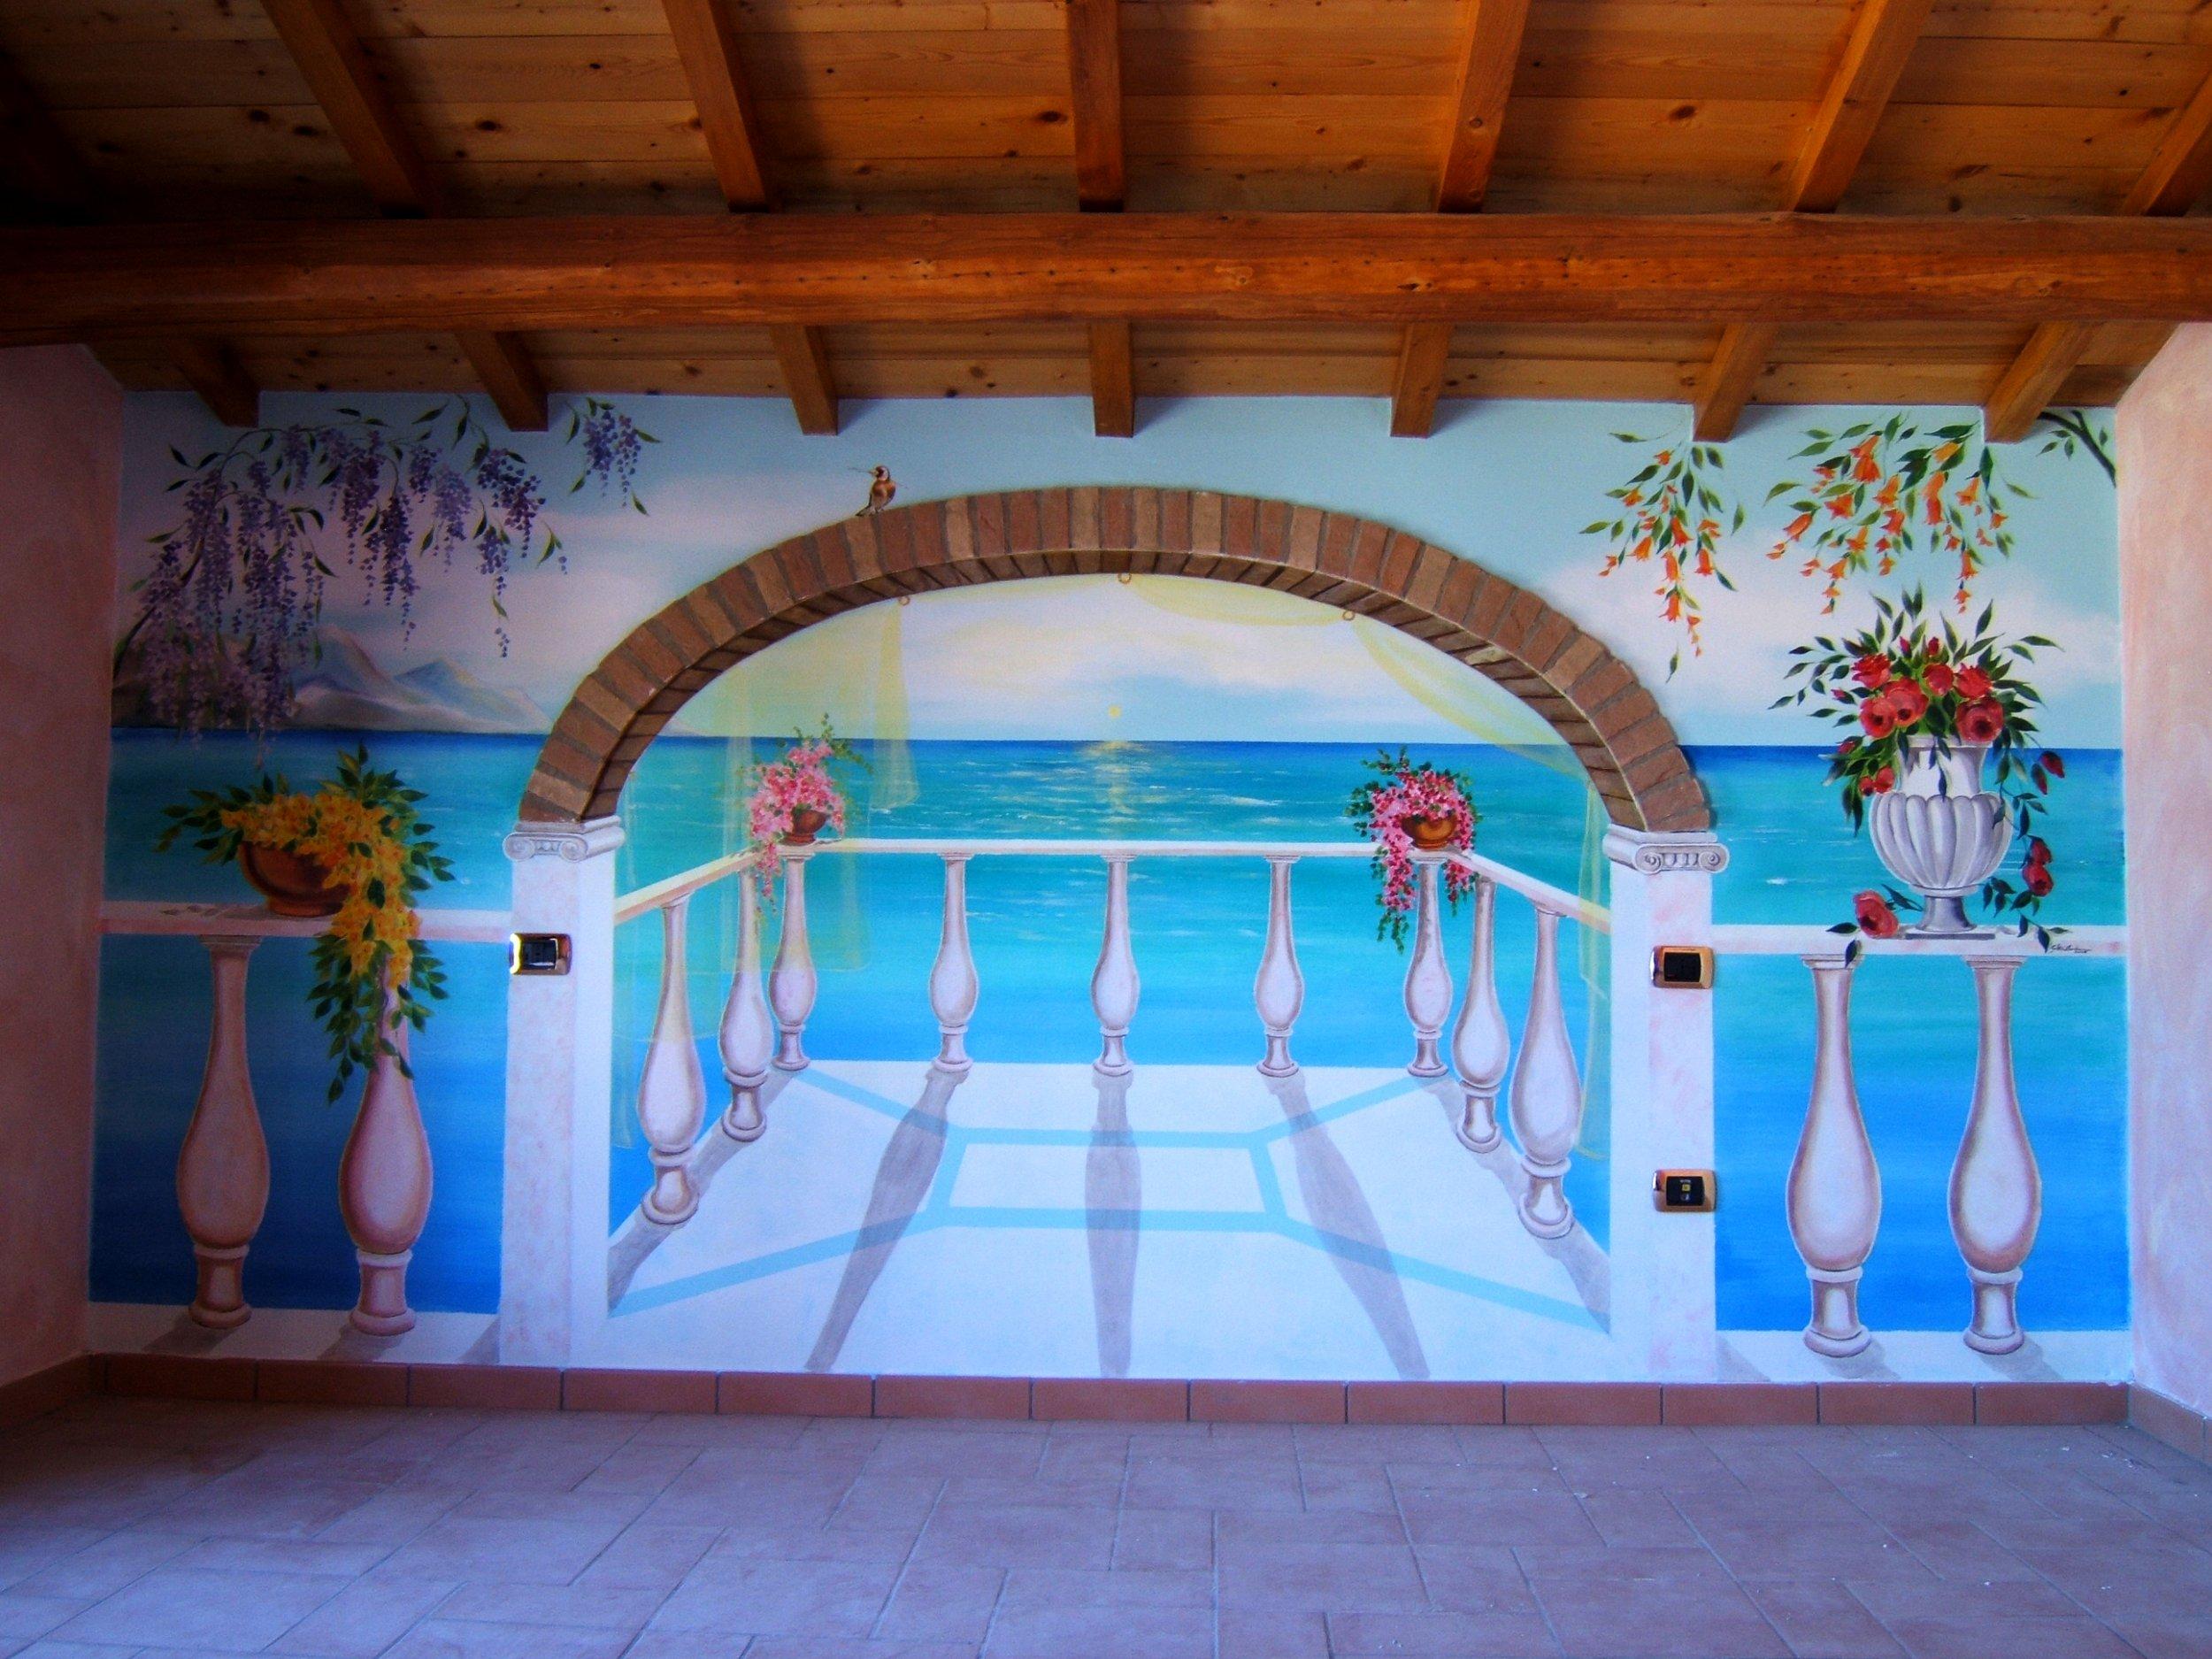 Trompe l 39 oeil su muro barbara ghisi opera celeste network - Parete testata letto dipinta ...